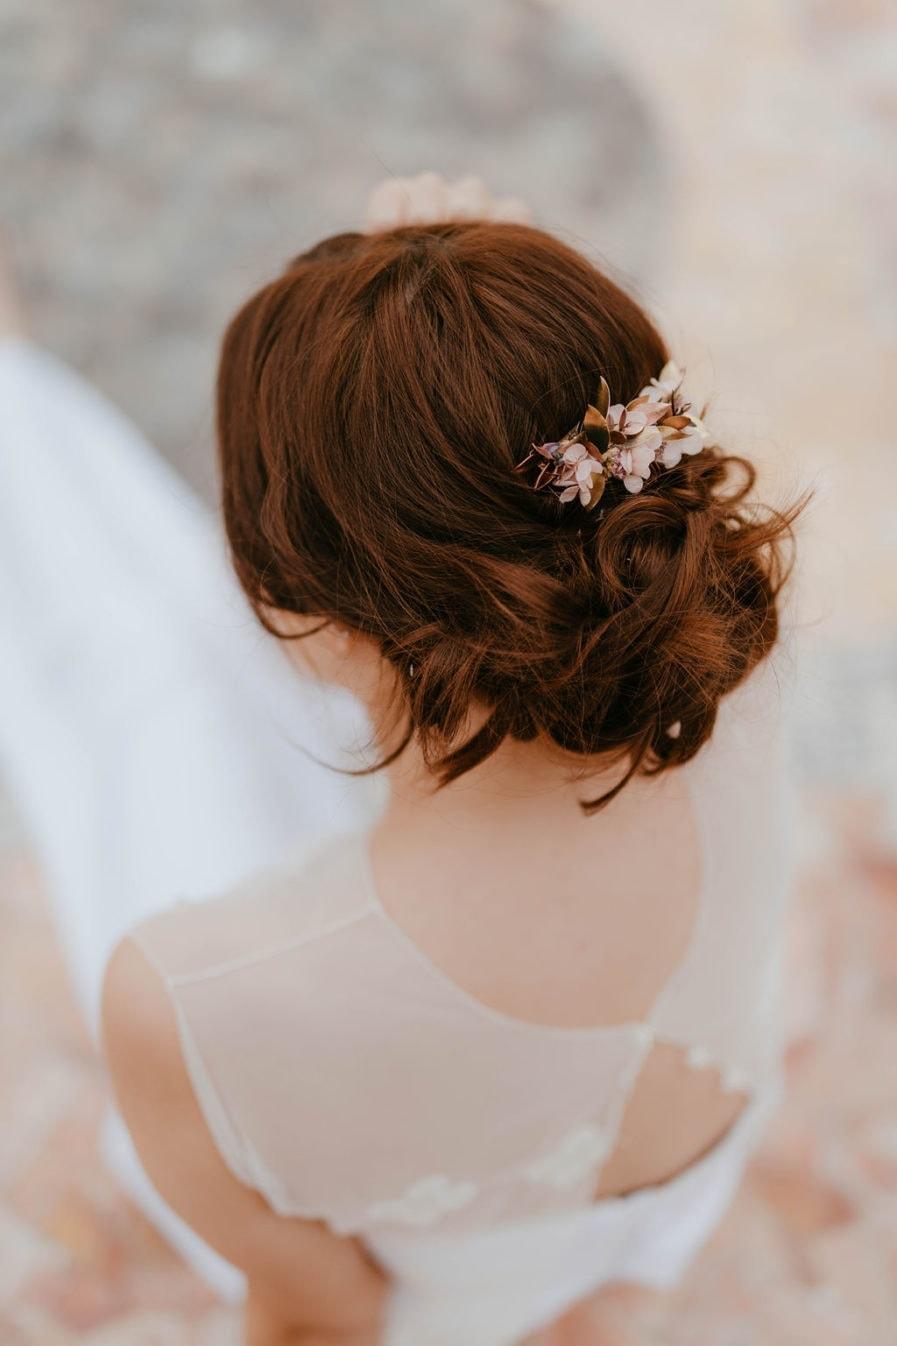 Peigne de fleurs Phyra - Les Fleurs Dupont - Anaïs Nannini -